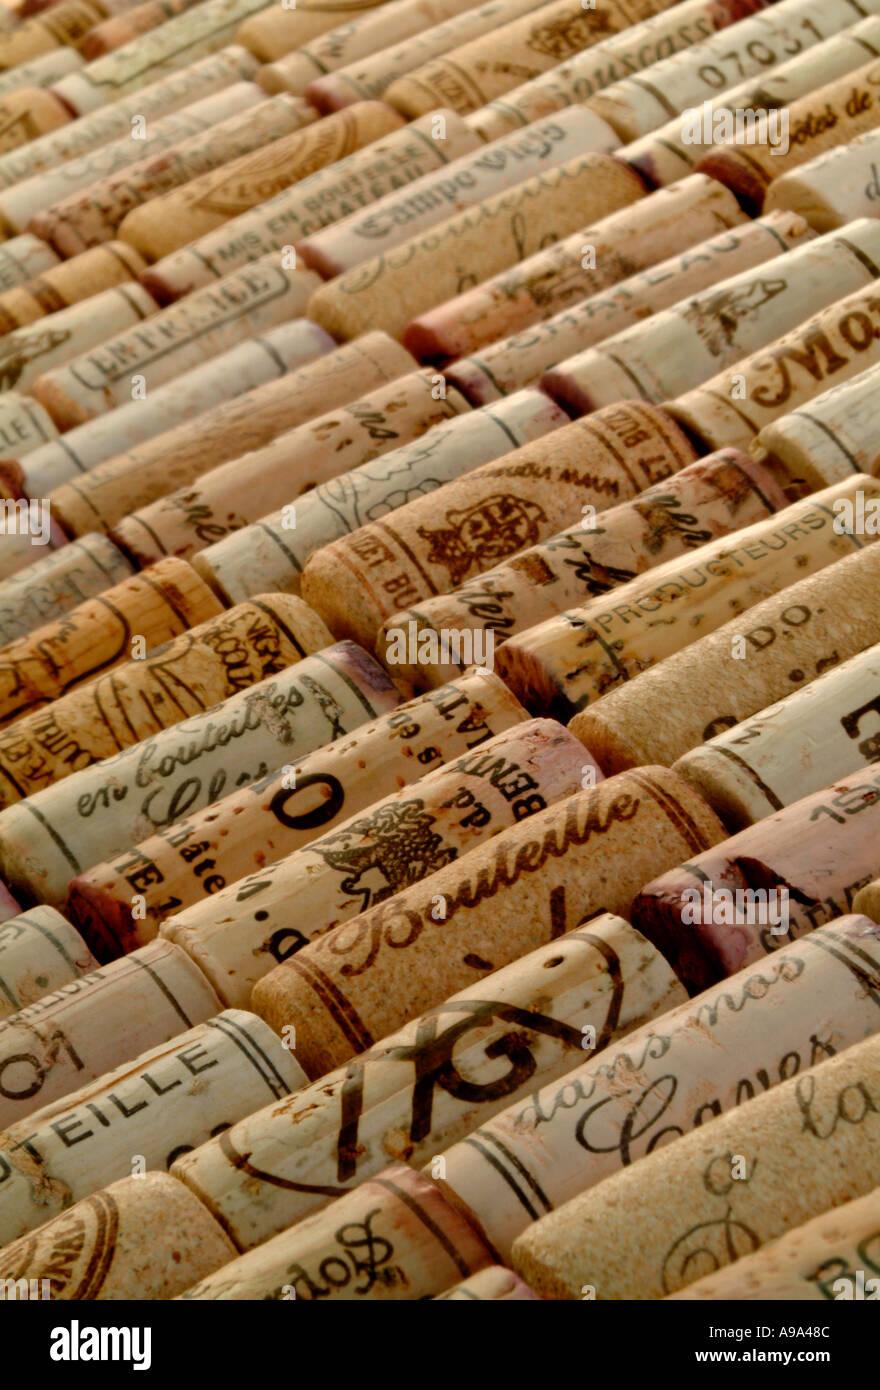 Tappi vino rosso Immagini Stock